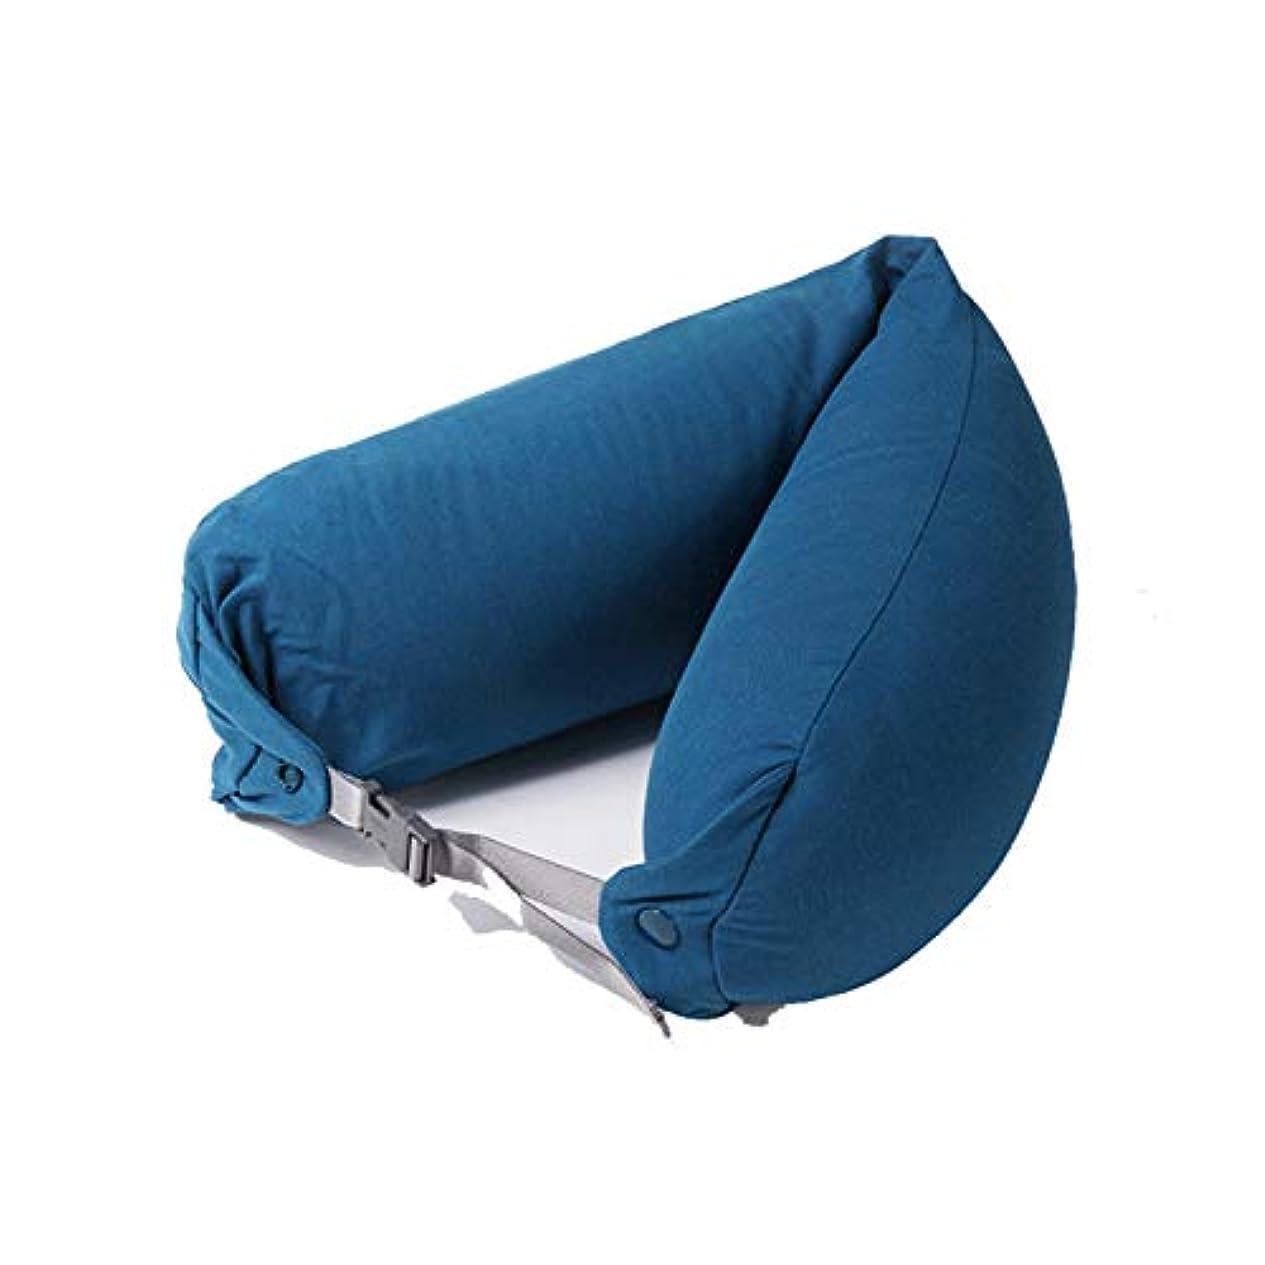 驚お父さん変形SMART ホームオフィス背もたれ椅子腰椎クッションカーシートネック枕 3D 低反発サポートバックマッサージウエストレスリビング枕 クッション 椅子